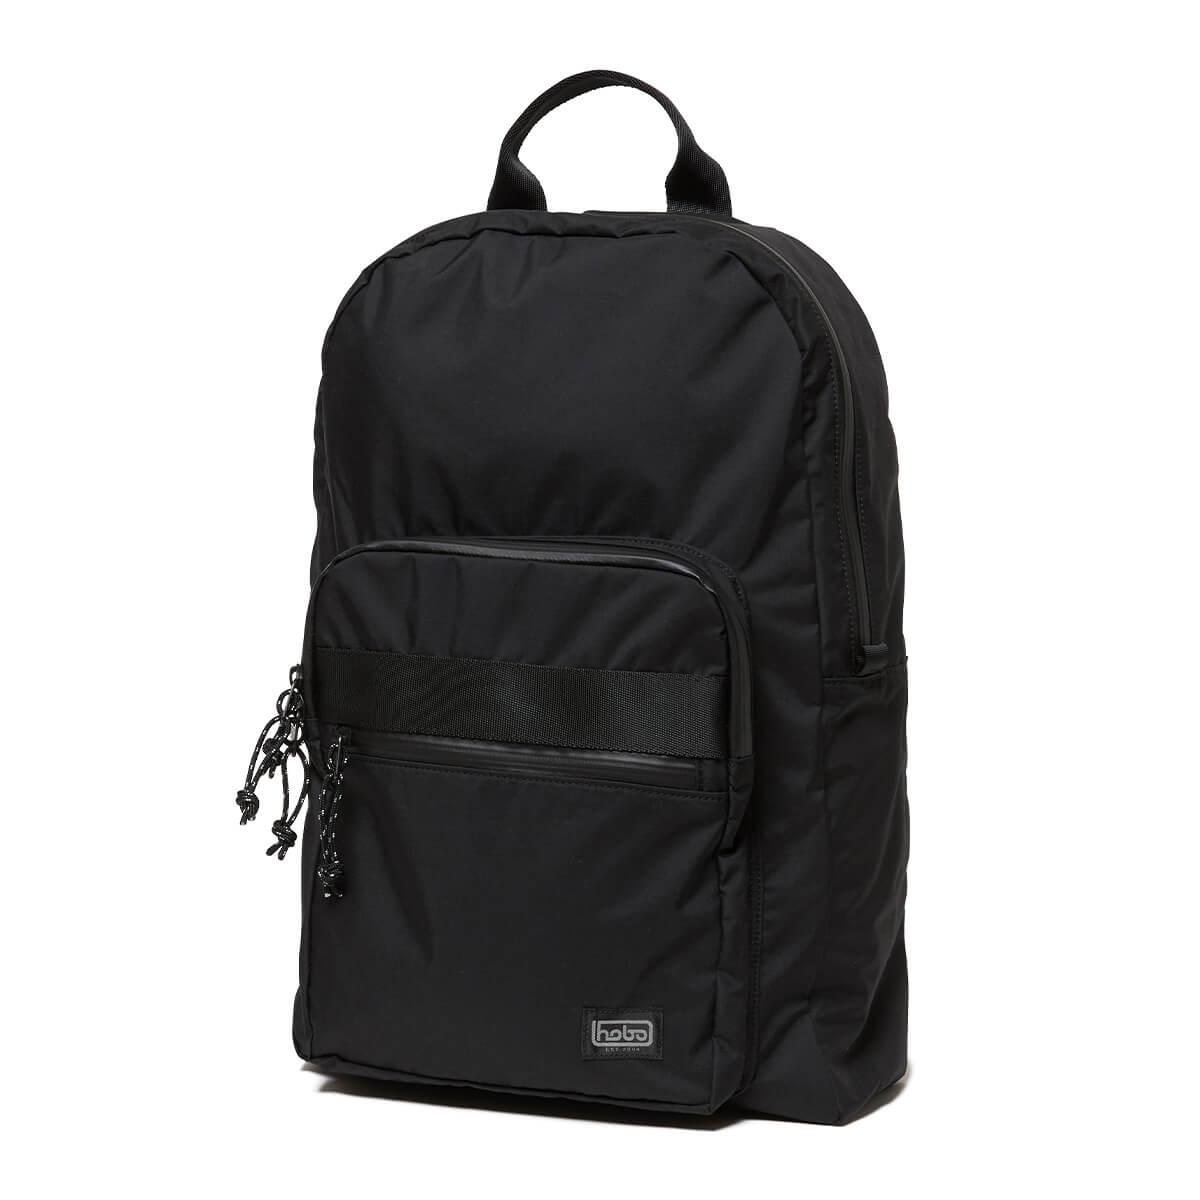 HOBO / Breathatec®︎ Nylon Backpack 18L